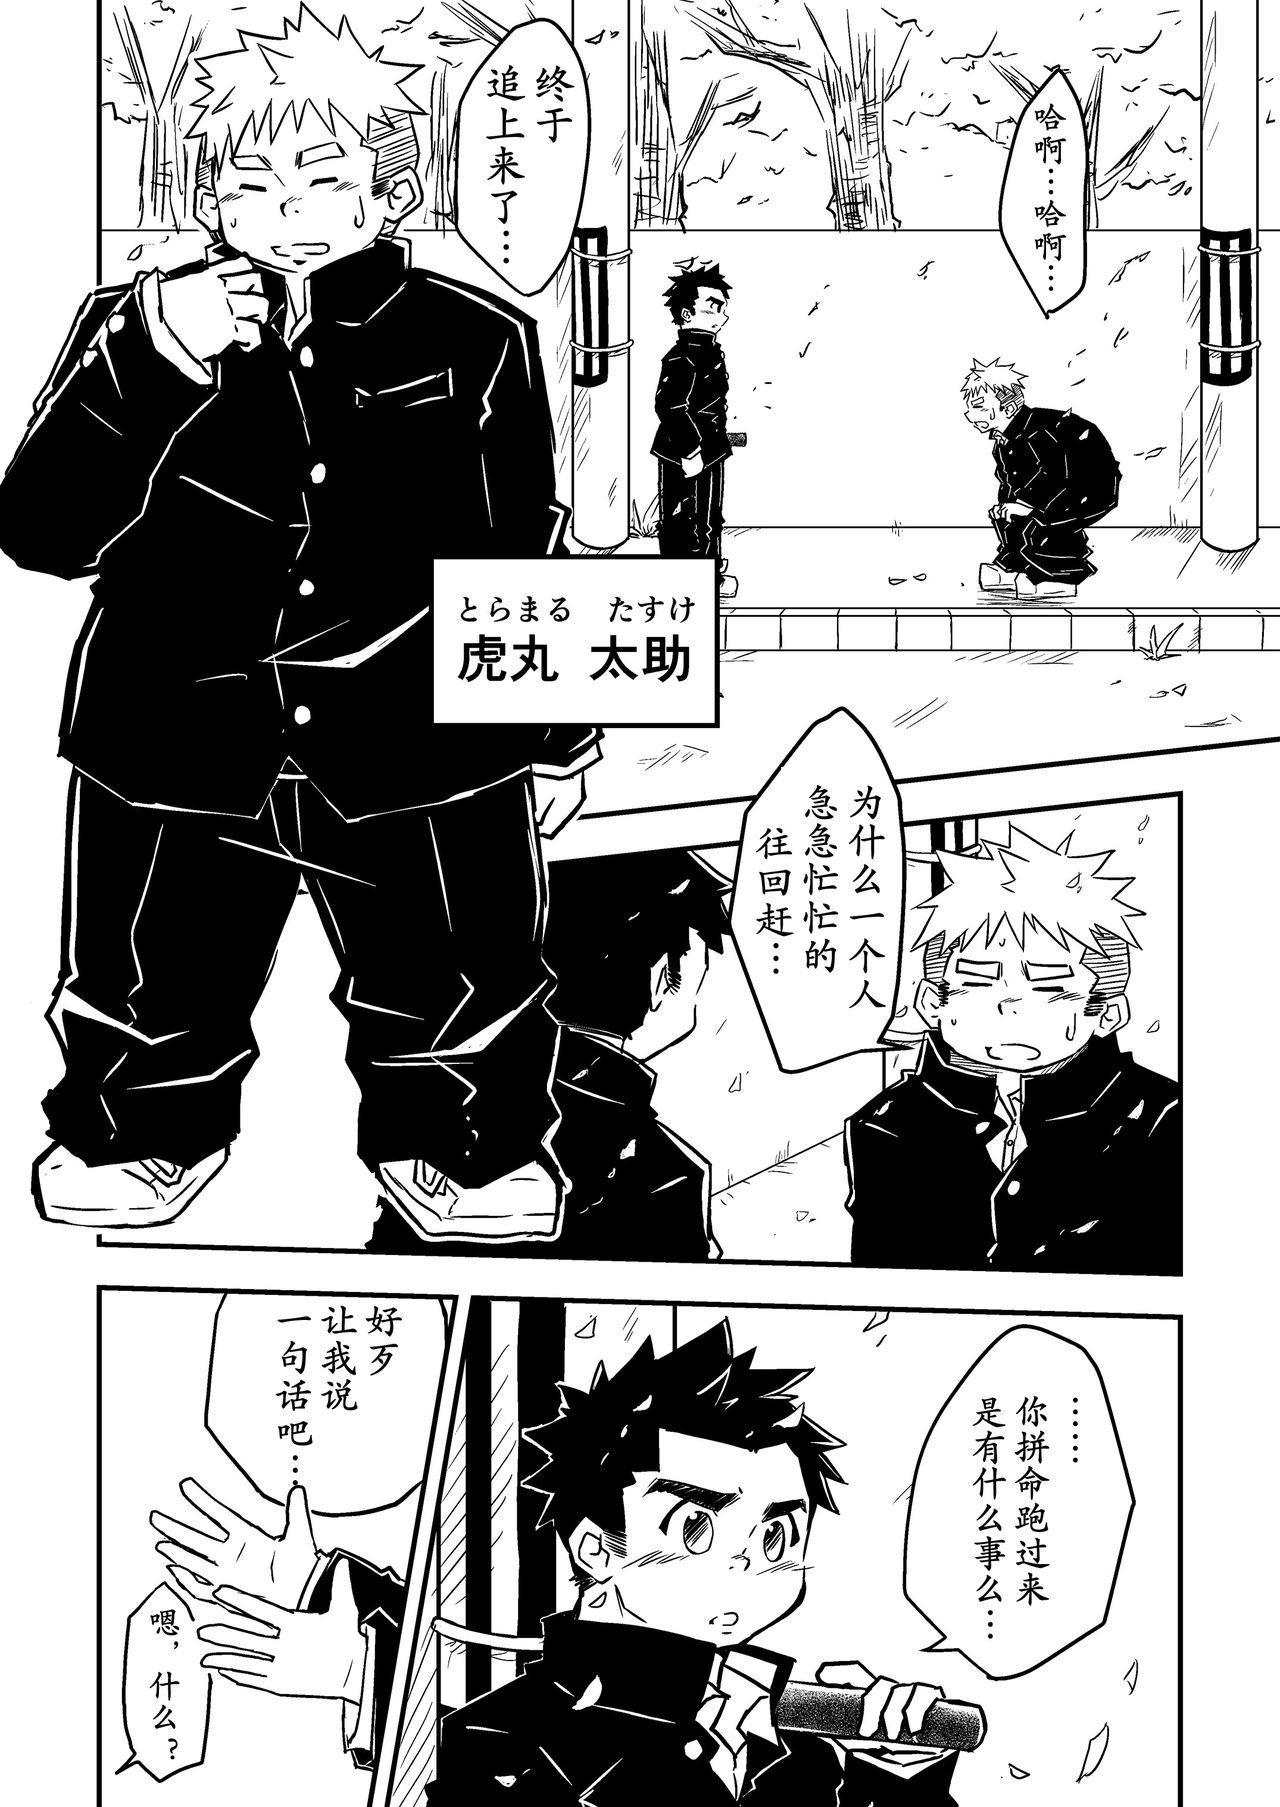 Datte Senpai ga Sukidakara! 2